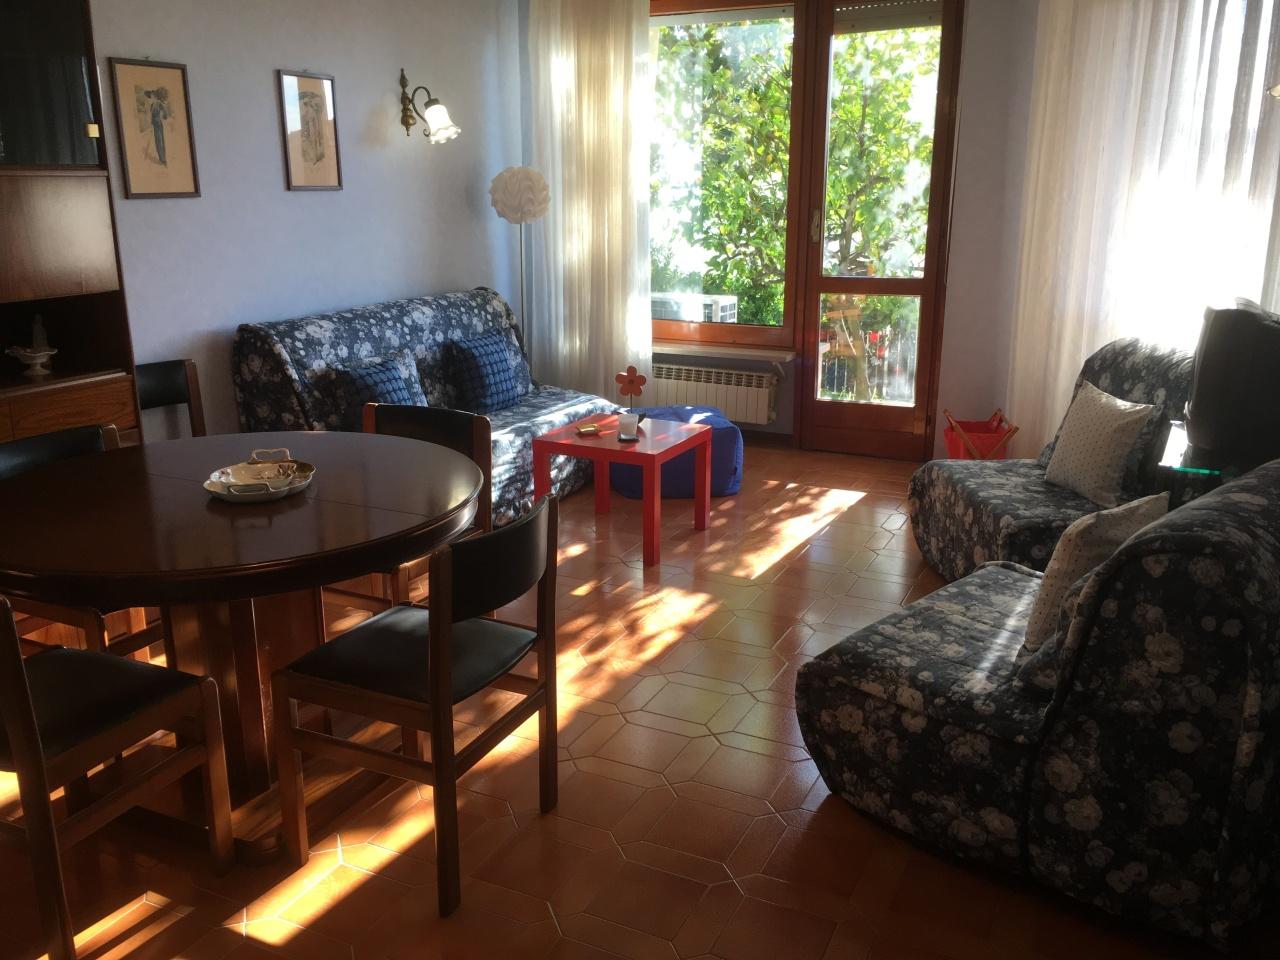 Appartamento - Bilocale a San Martino, Sanremo